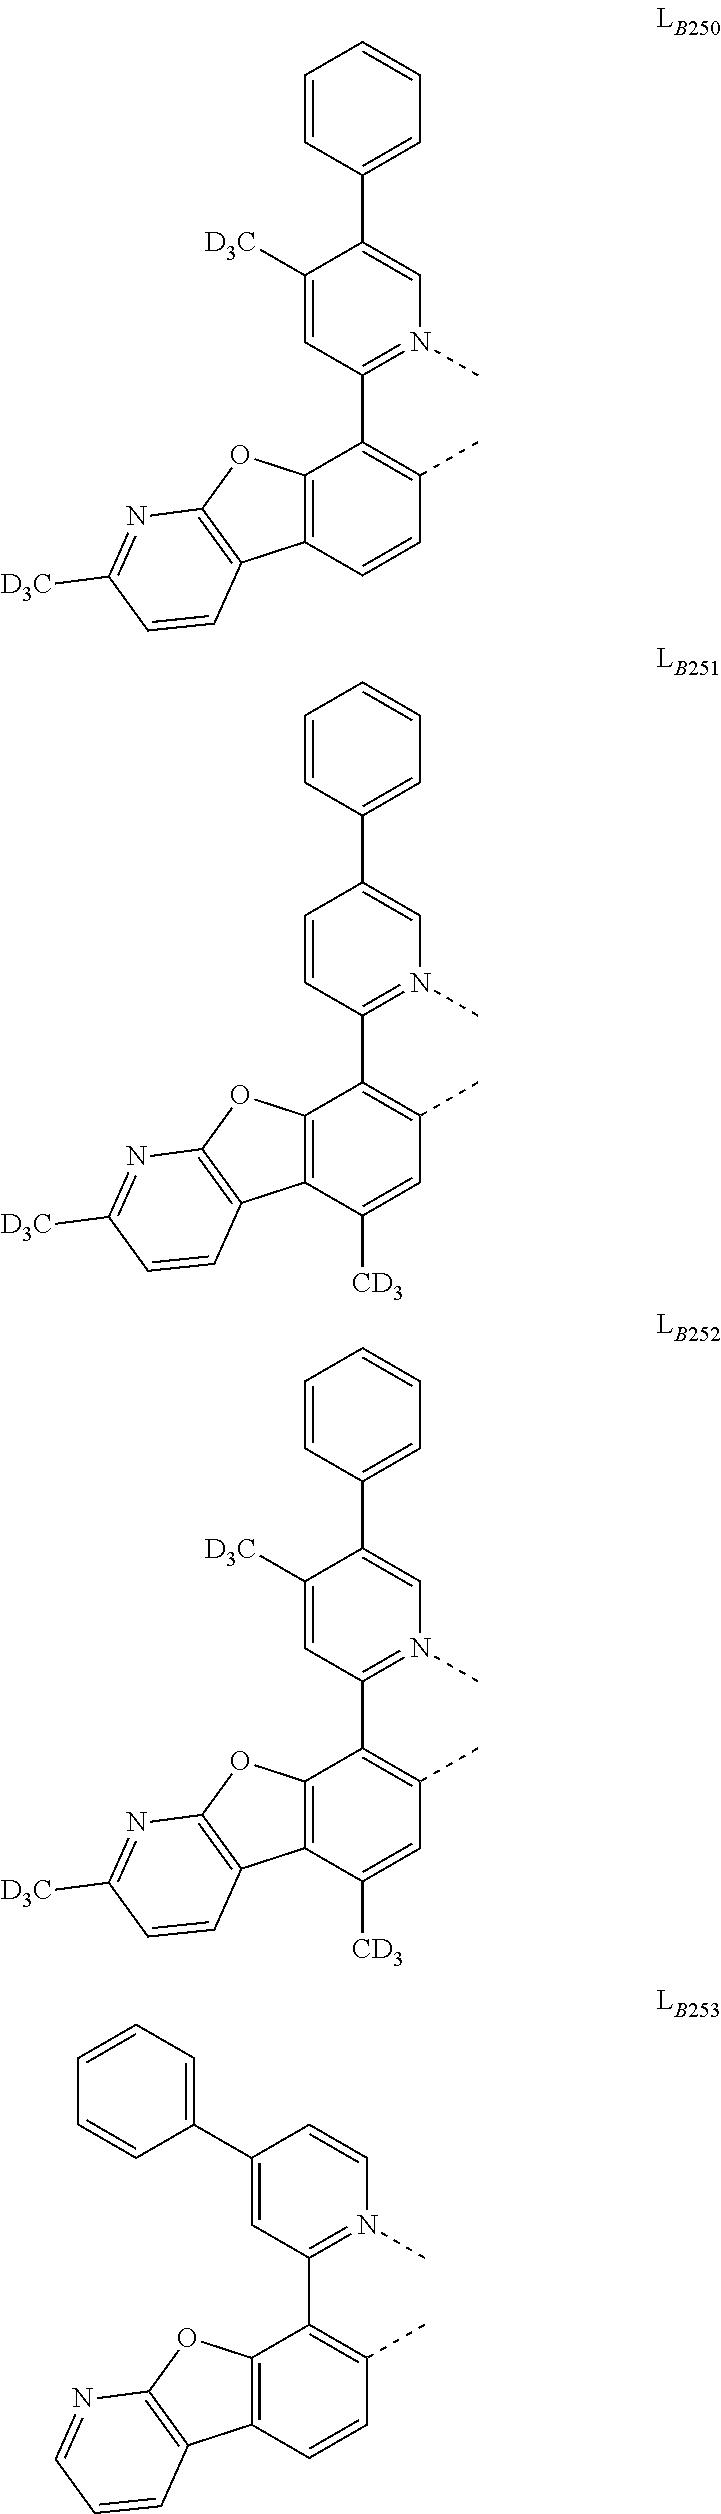 Figure US20180130962A1-20180510-C00117